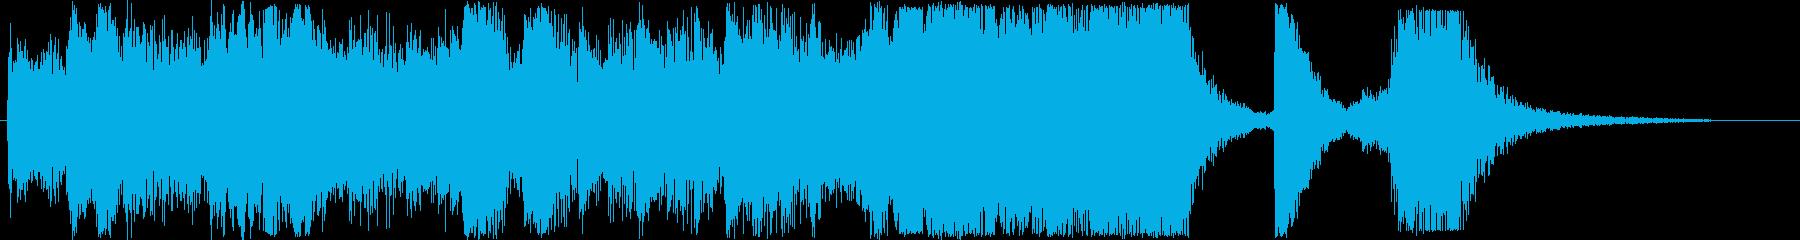 感動的なシンセなどの短めサウンドの再生済みの波形